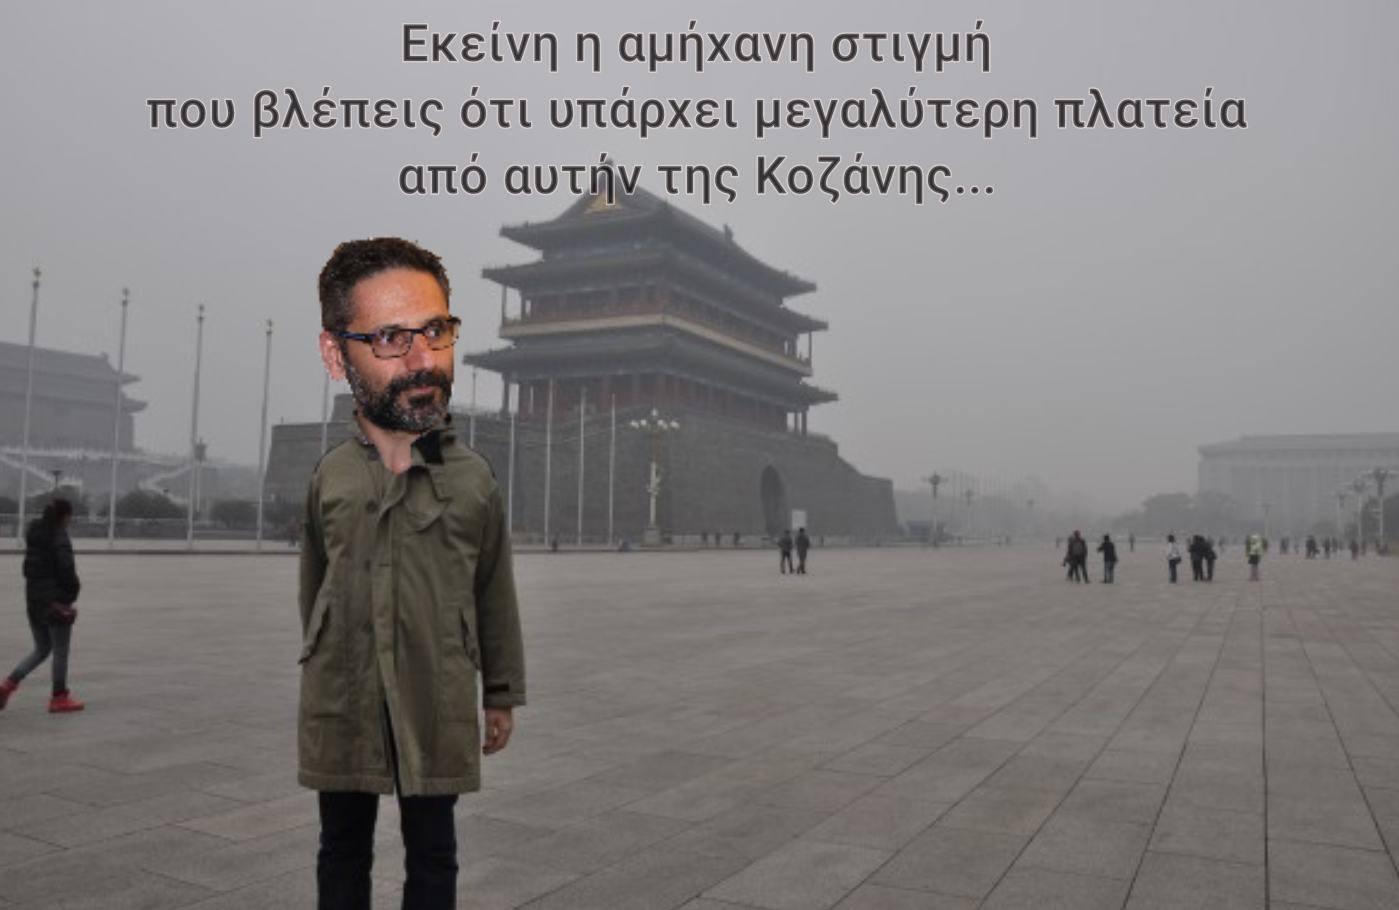 Η χιουμοριστική γελοιογραφία, αναγνώστη του kozan.gr, για την επίσκεψη του δημάρχου Κοζάνης, Λευτέρη Ιωαννίδη στην Κίνα